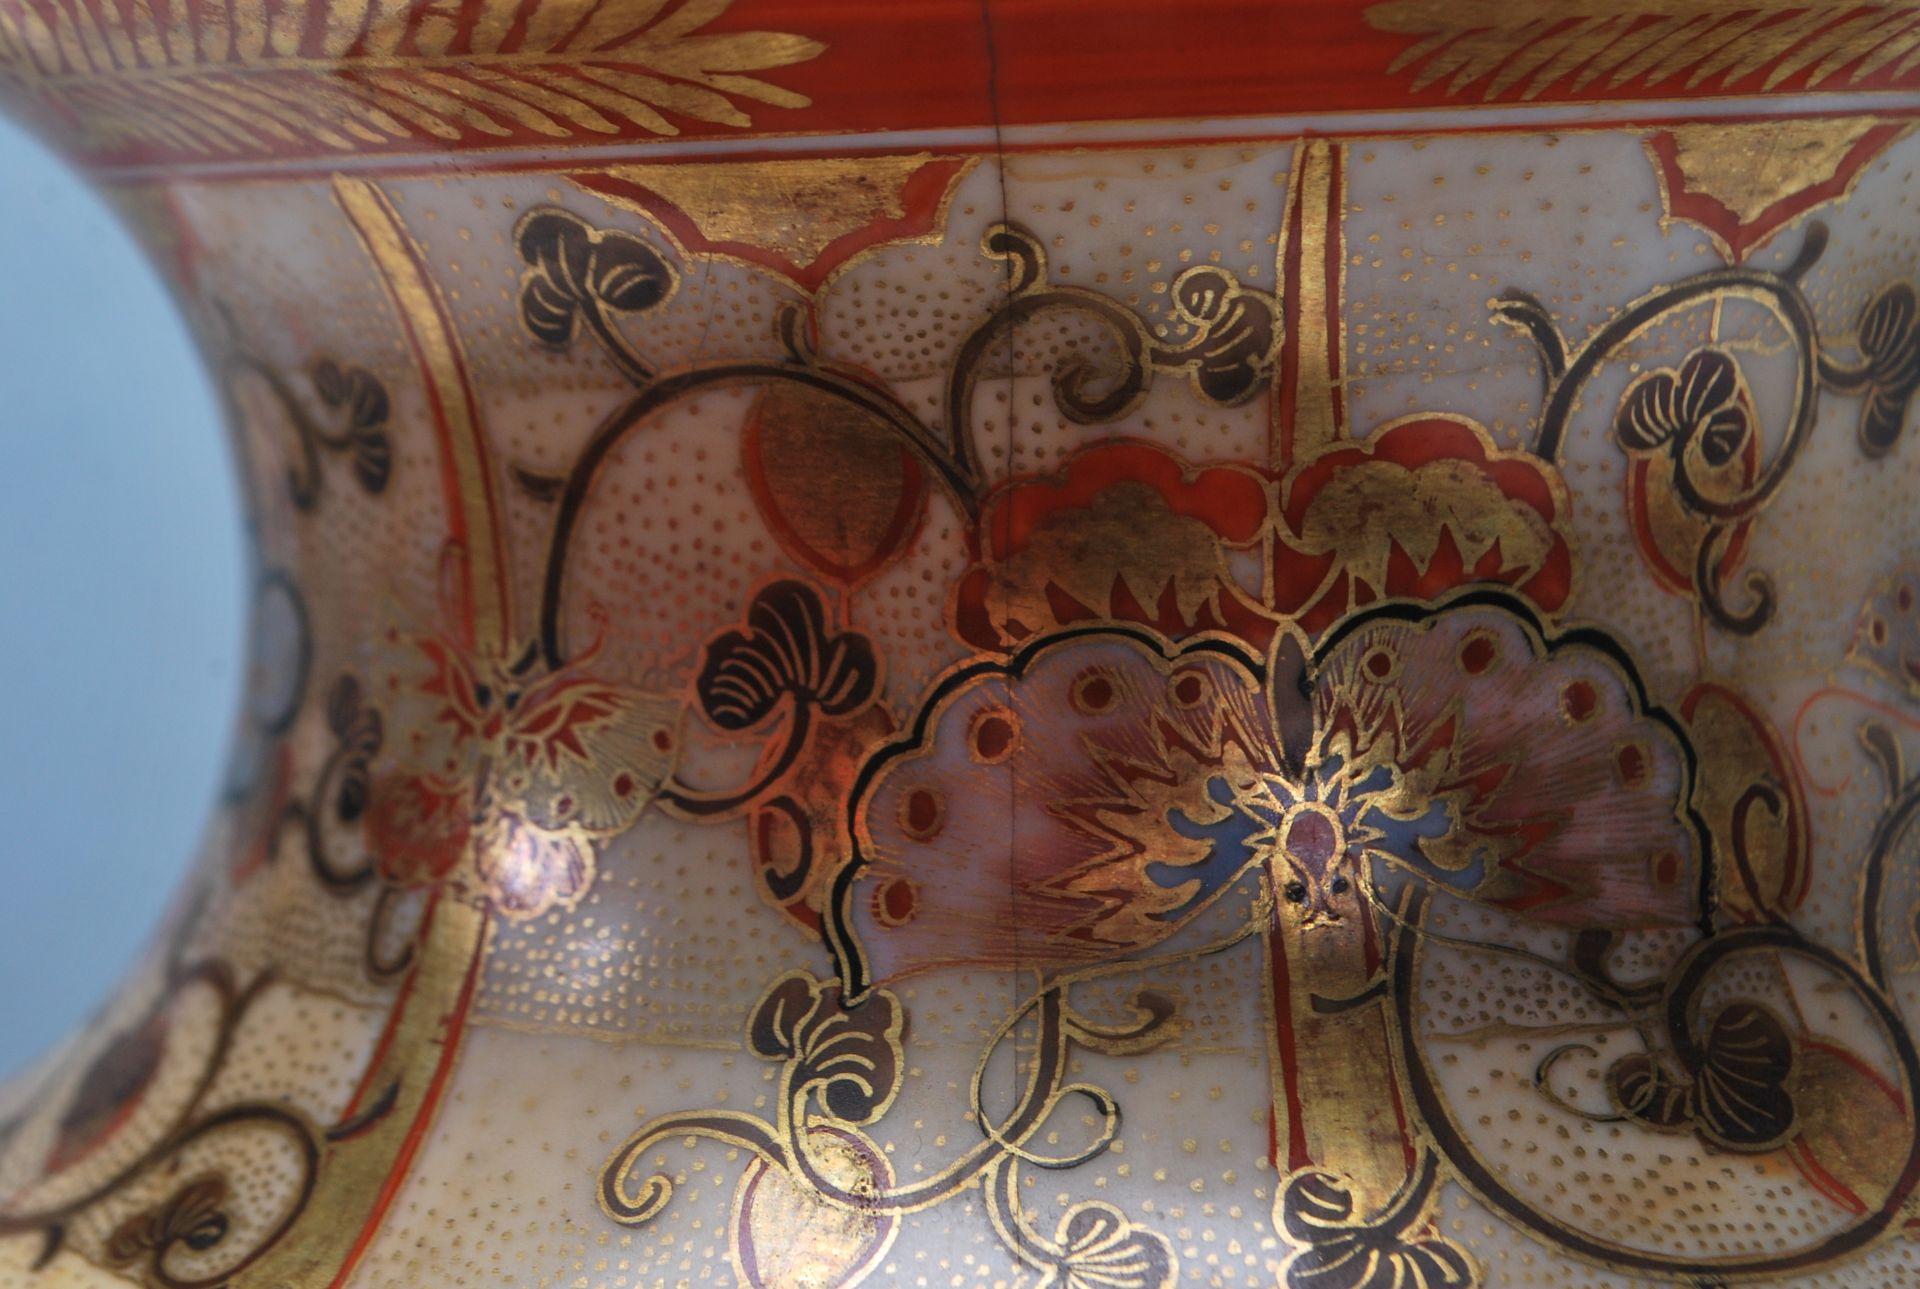 ANTIQUE JAPANESE KUTANI BALUSTER VASE - Image 12 of 14